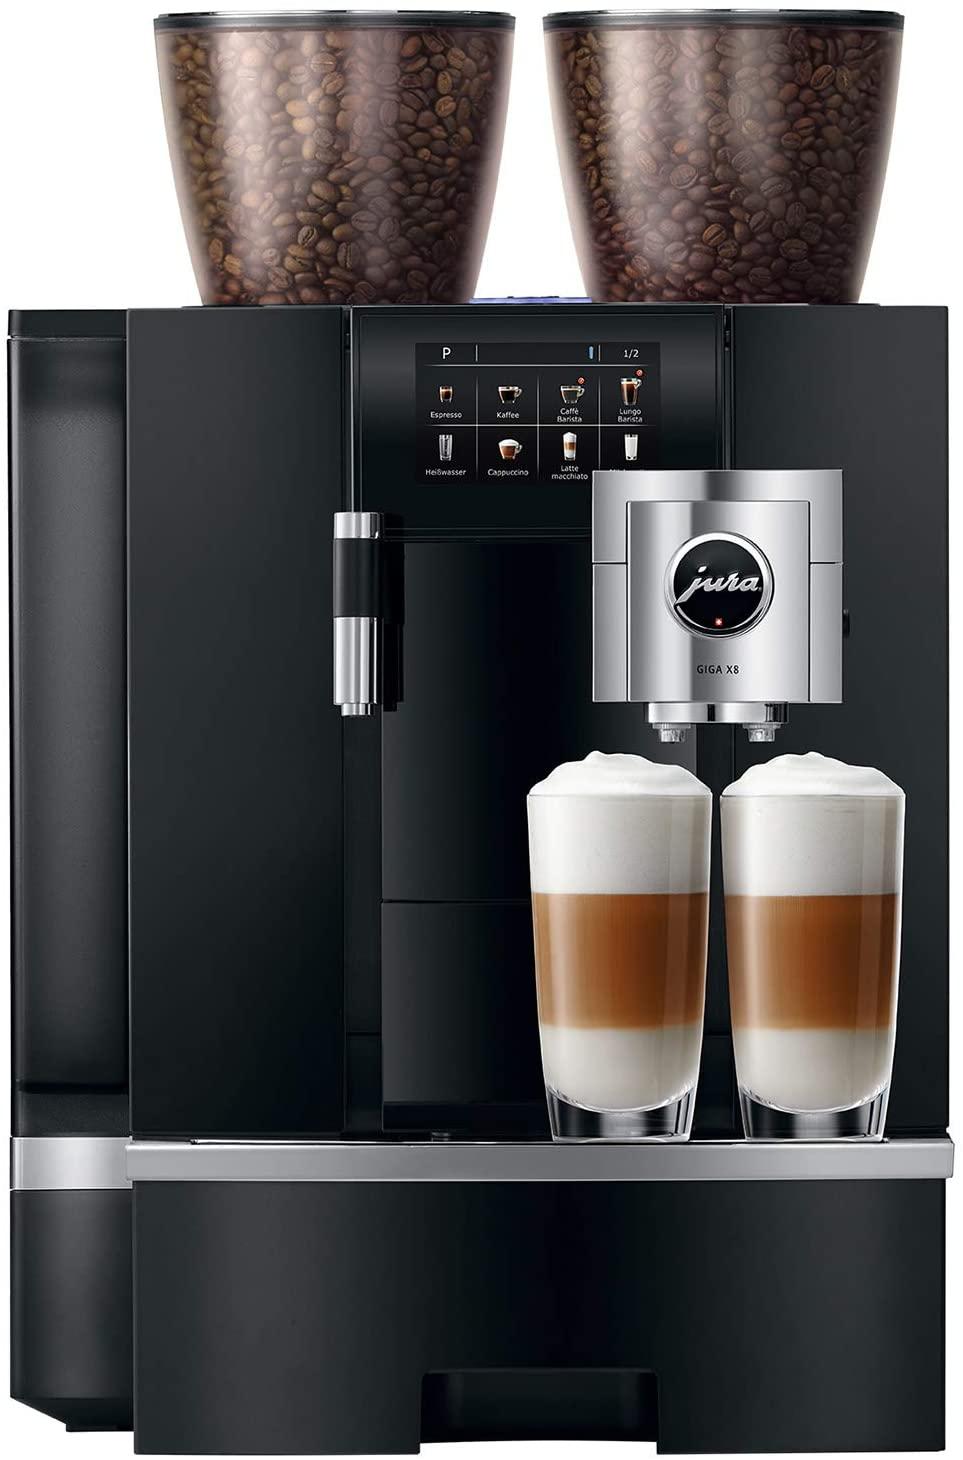 jura-giga-x8-g2-koffiemachine-bedrijven